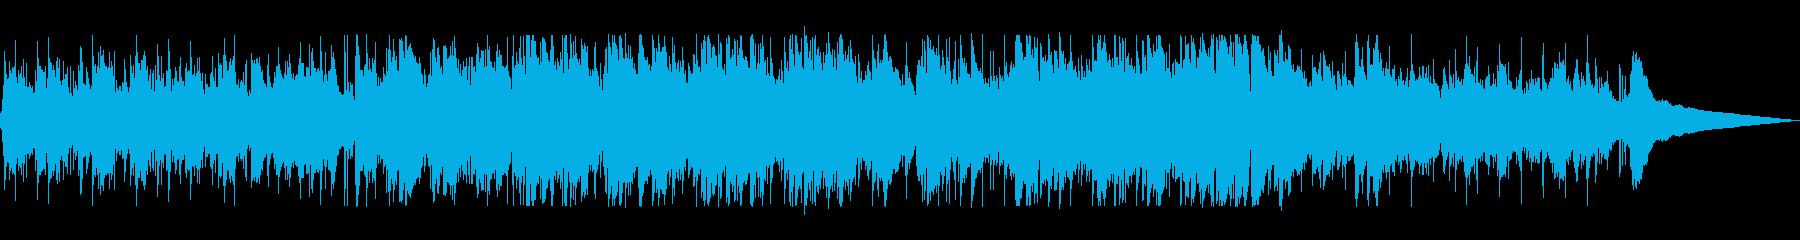 爽やかなメロディーのイージーリスニングの再生済みの波形